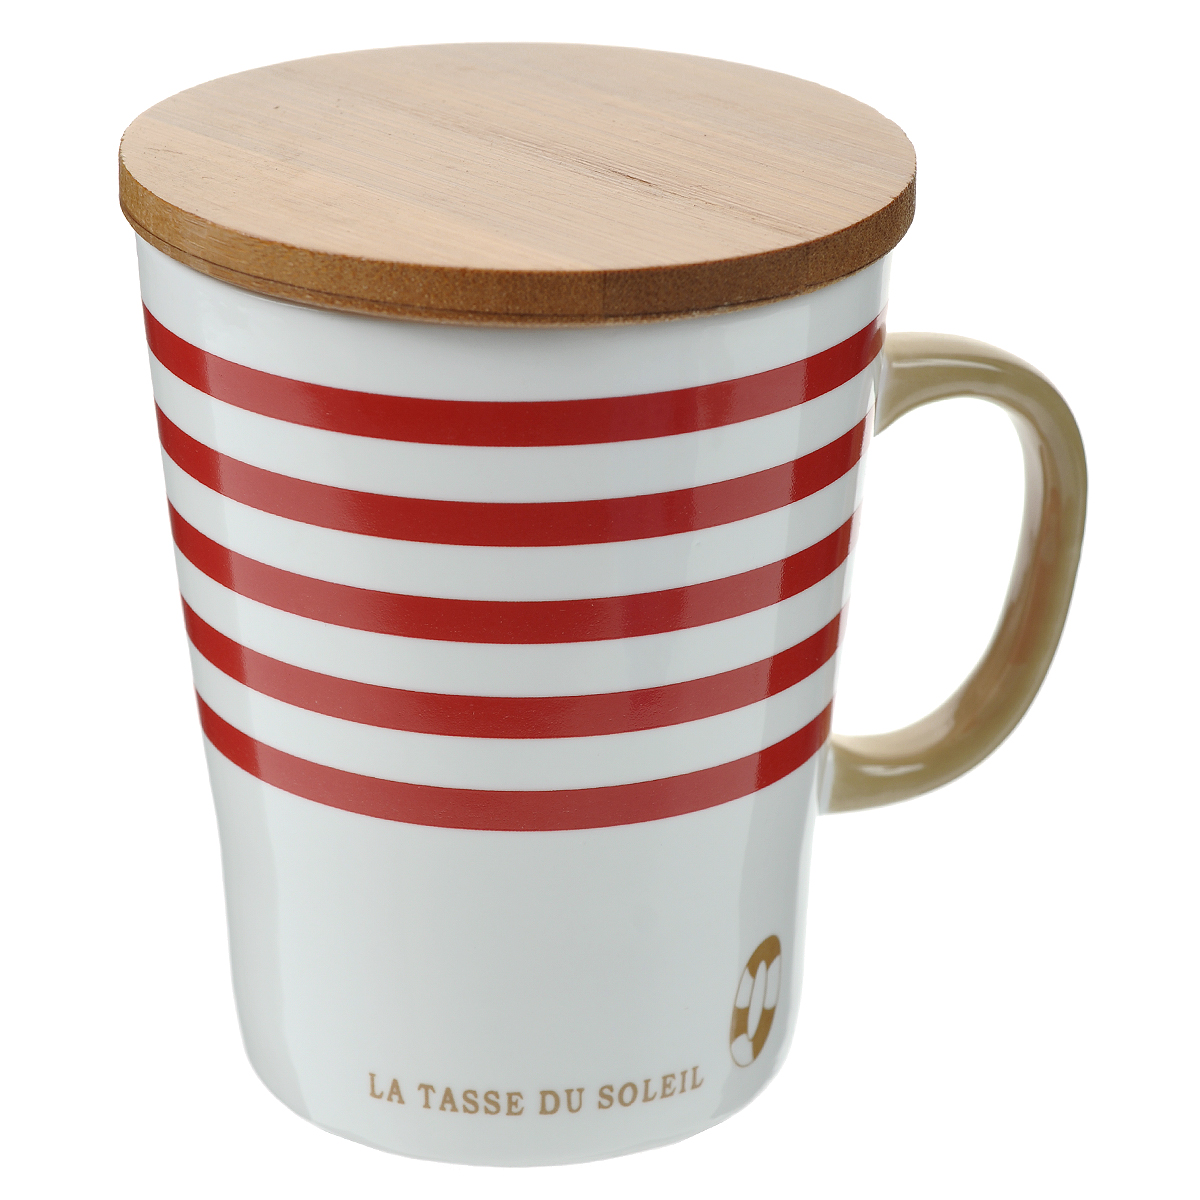 Кружка Полосы, с бамбуковой крышкой, цвет: белый, красный. 003074003074Милая кружка Полосы, выполненная из керамики, подойдет любителям морских приключений. Она станет отличным подарком для человека, ценящего забавные и практичные вещи. В комплекте бамбуковая крышка.Такая кружка станет не только приятным, но и практичным сувениром. Характеристики:Материал:керамика, бамбук. Высота кружки (без учета крышки):10 см. Диаметр по верхнему краю: 8 см. Размер упаковки:10 см х 9 см х 11 см. Артикул: 003074.